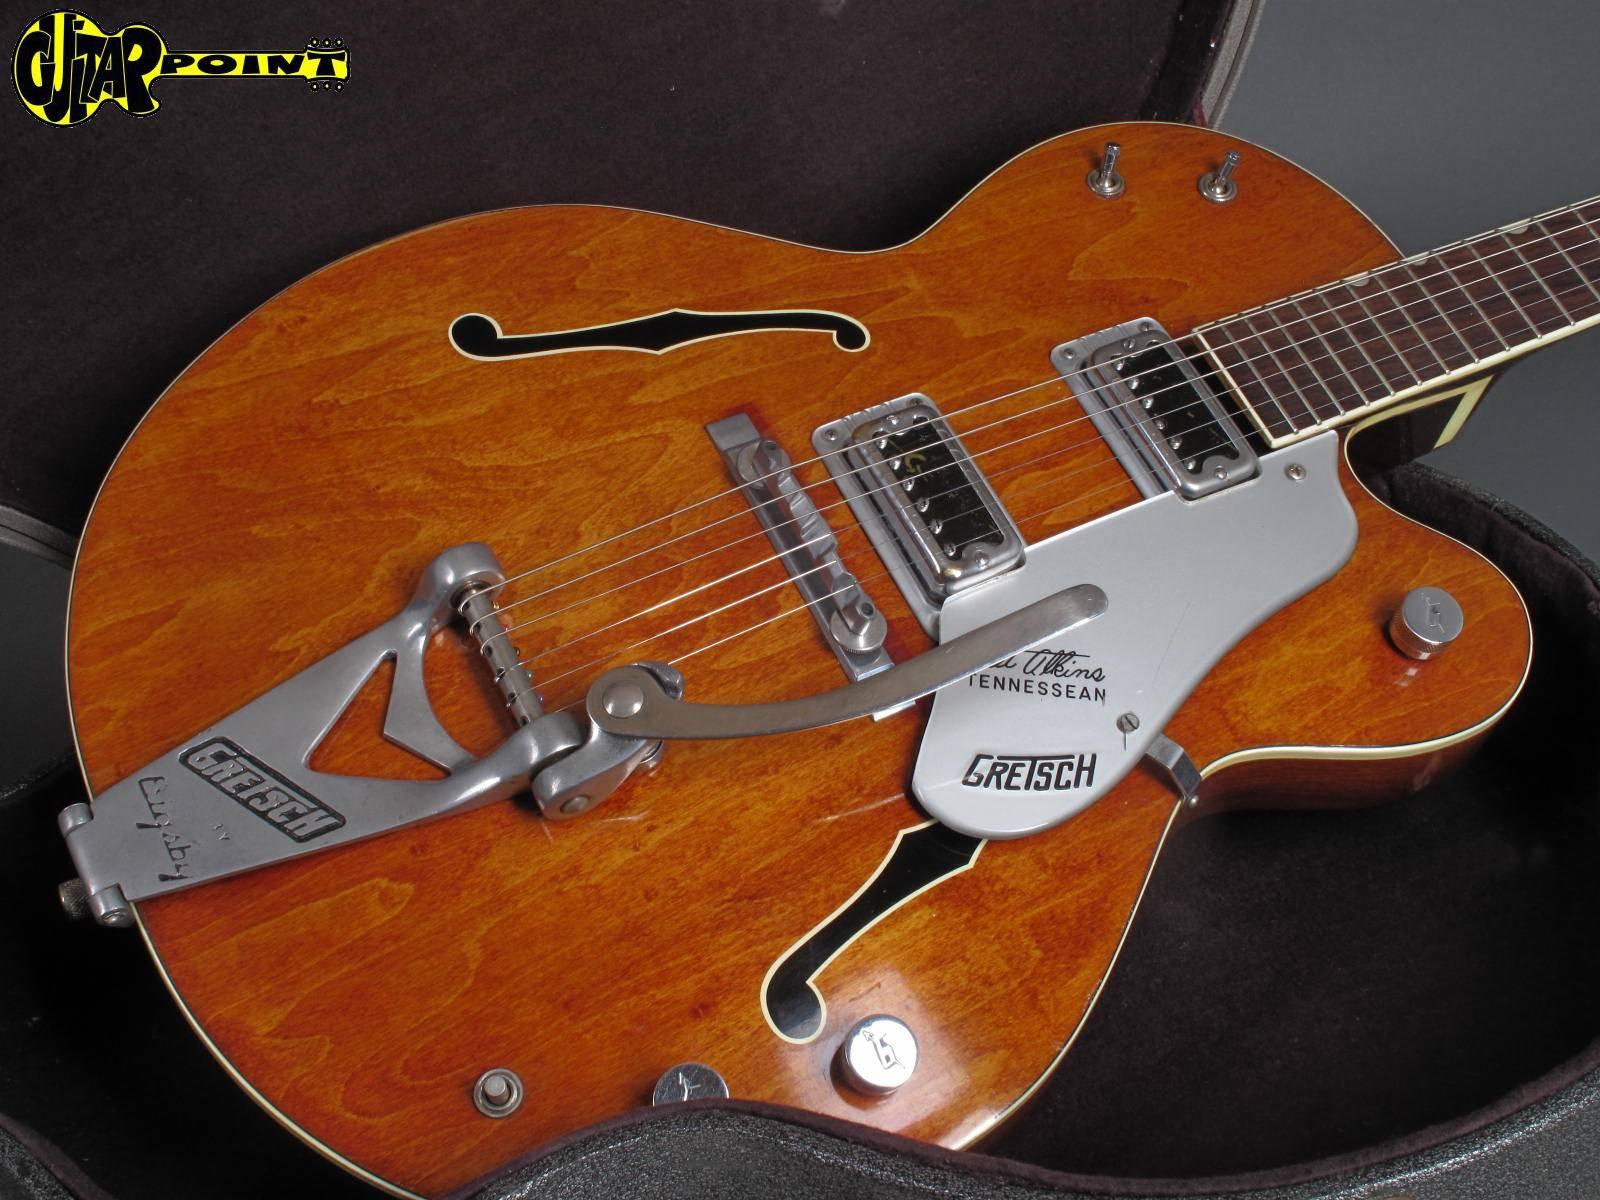 Gretsch 6119 Chet Atkins Tennessean 1967 Natural Guitar